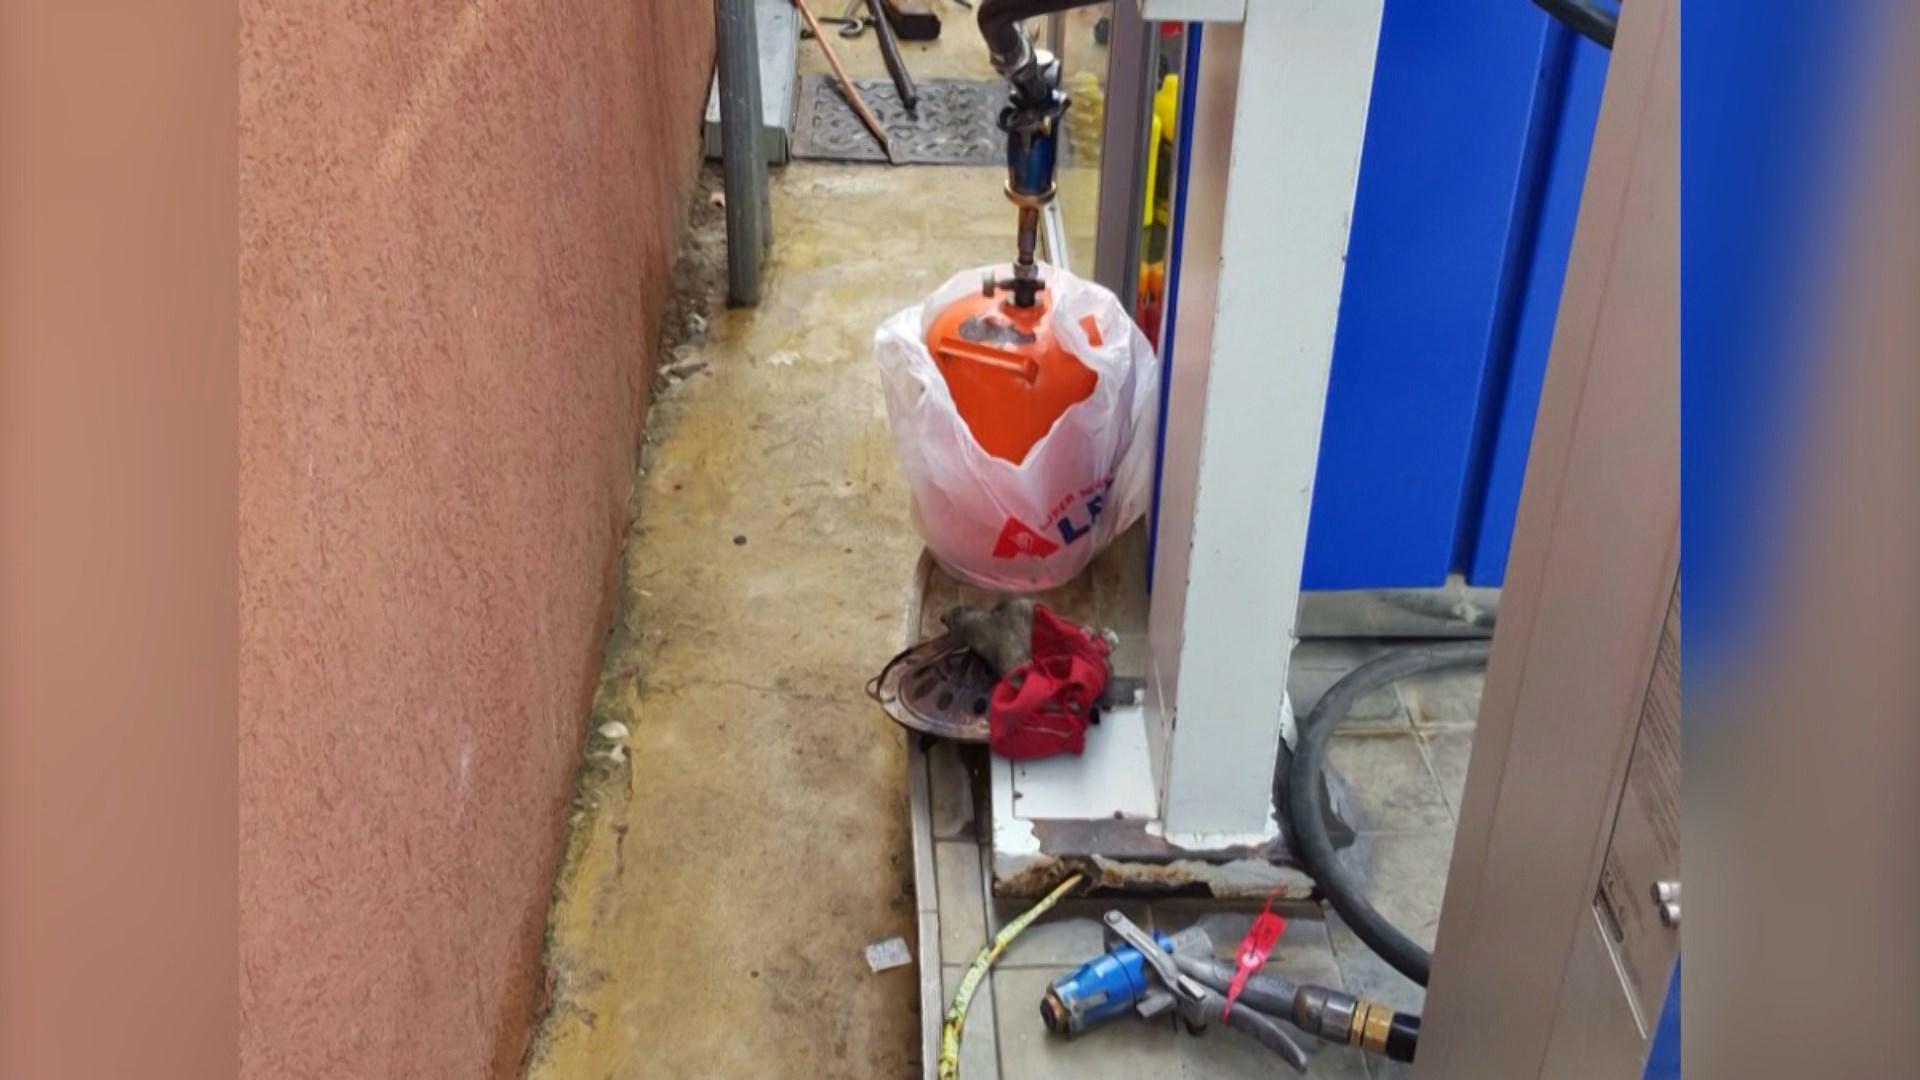 Shpërthimi nga gazi, Goxhaj: Të ndalohet tregtimi i bombolave 5 kg ngjyrë portokalli